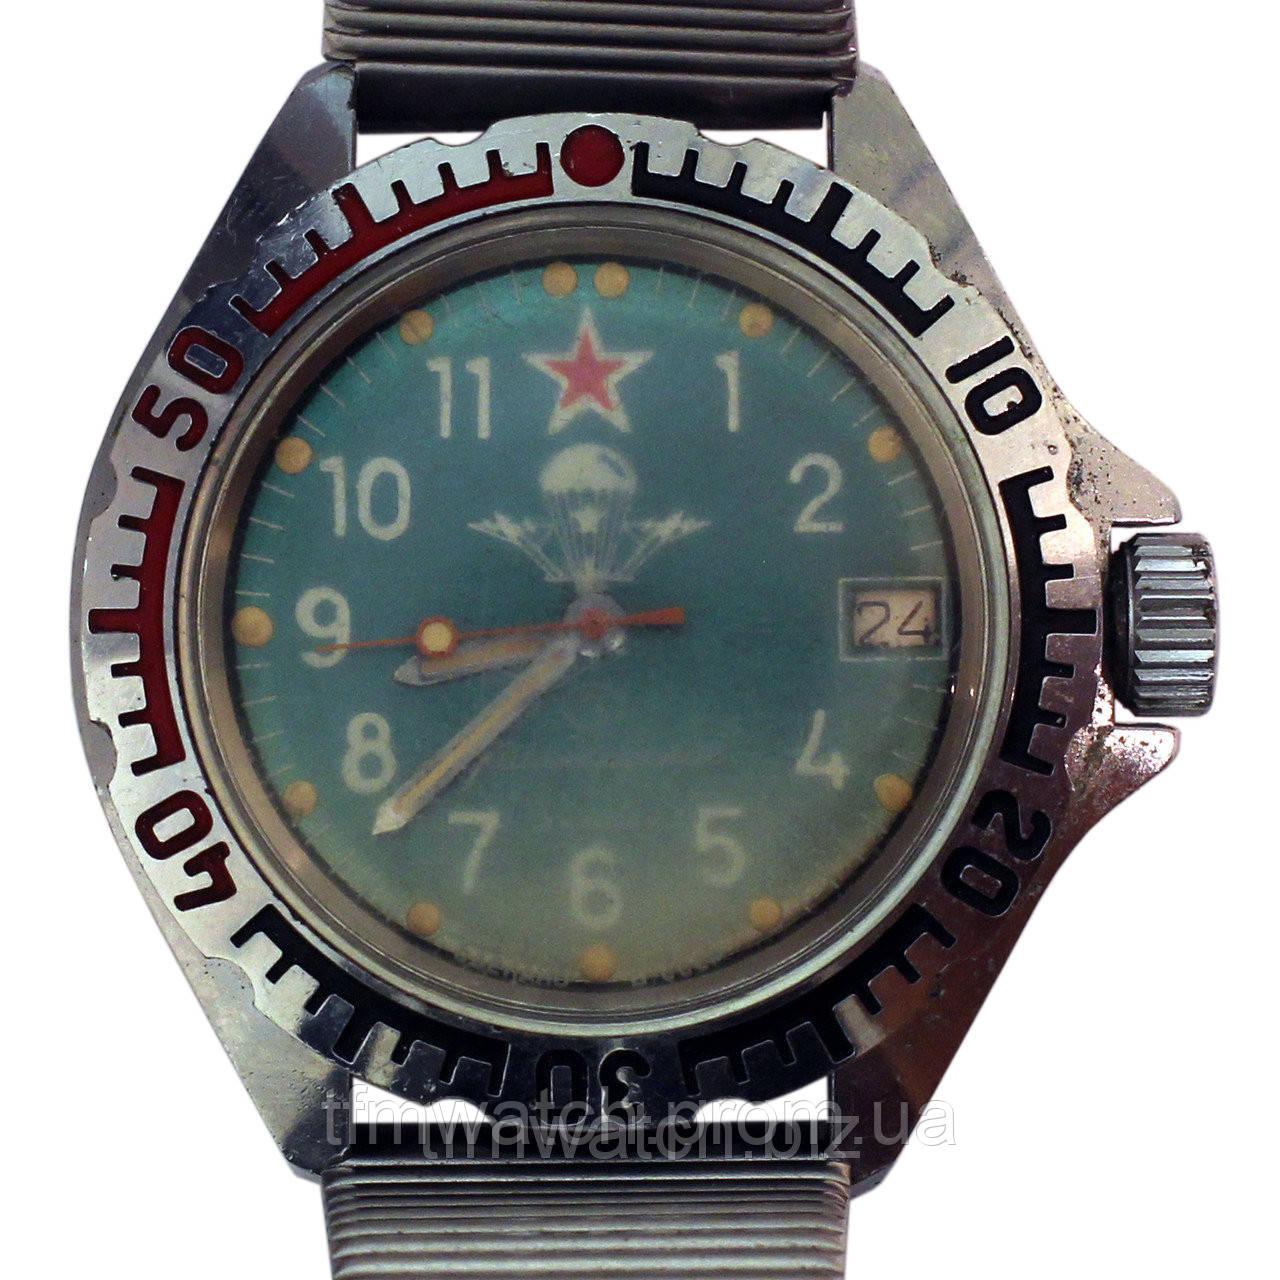 Ссср цена часы продать часы ломбард работы волгодонск даурия